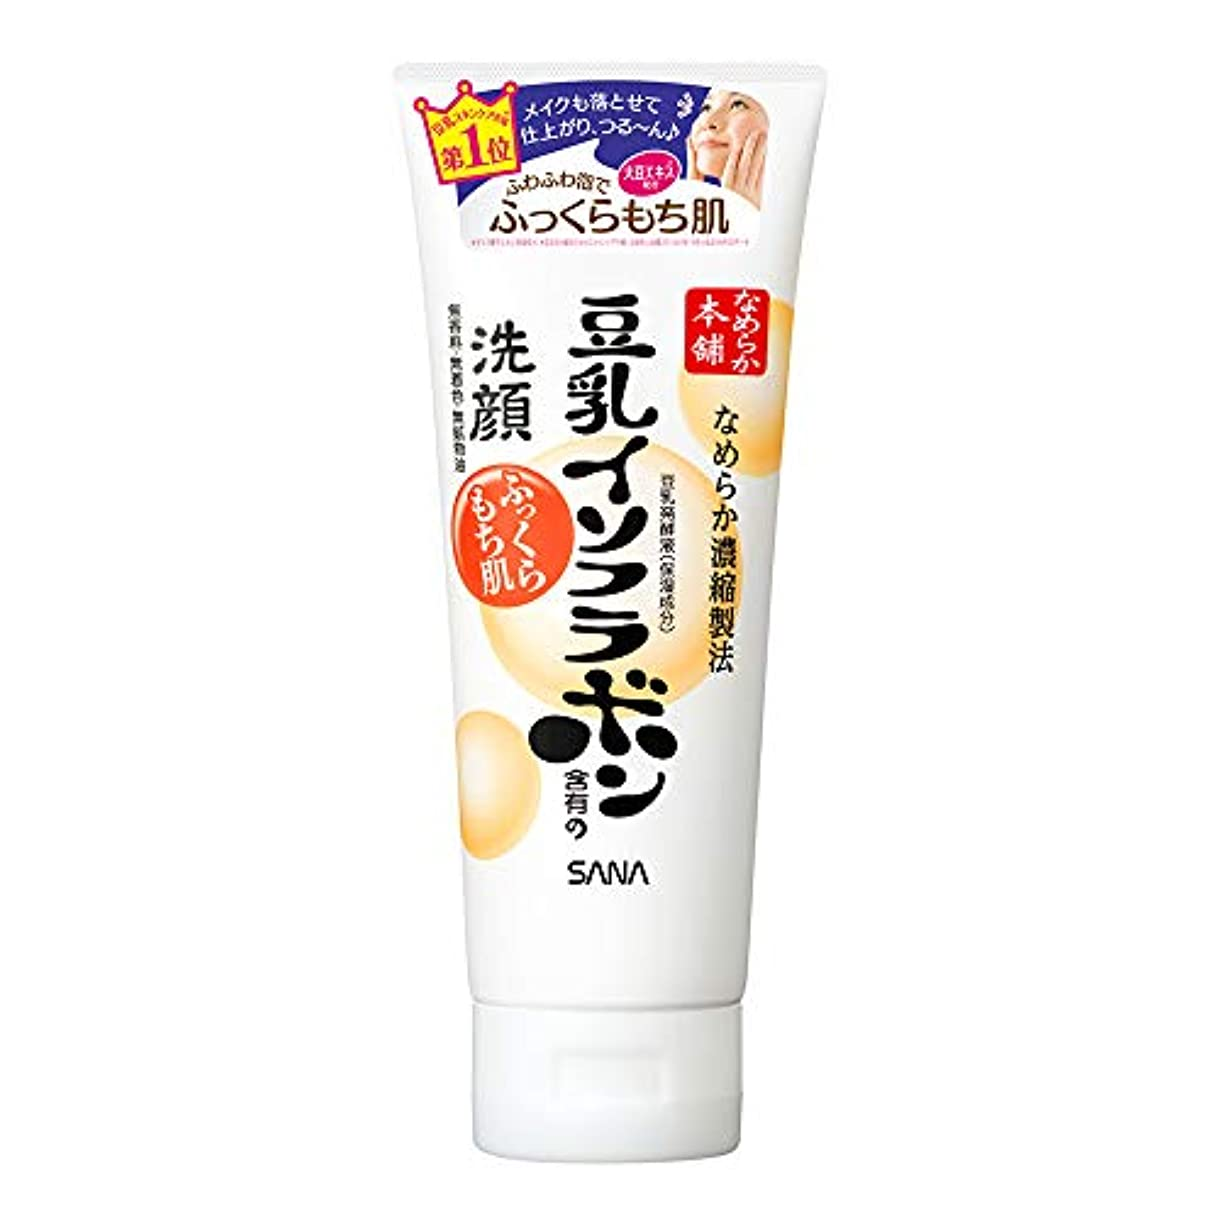 バング土曜日まもなく【Amazon.co.jp限定】なめらか本舗 クレンジング洗顔 大容量タイプ 200g